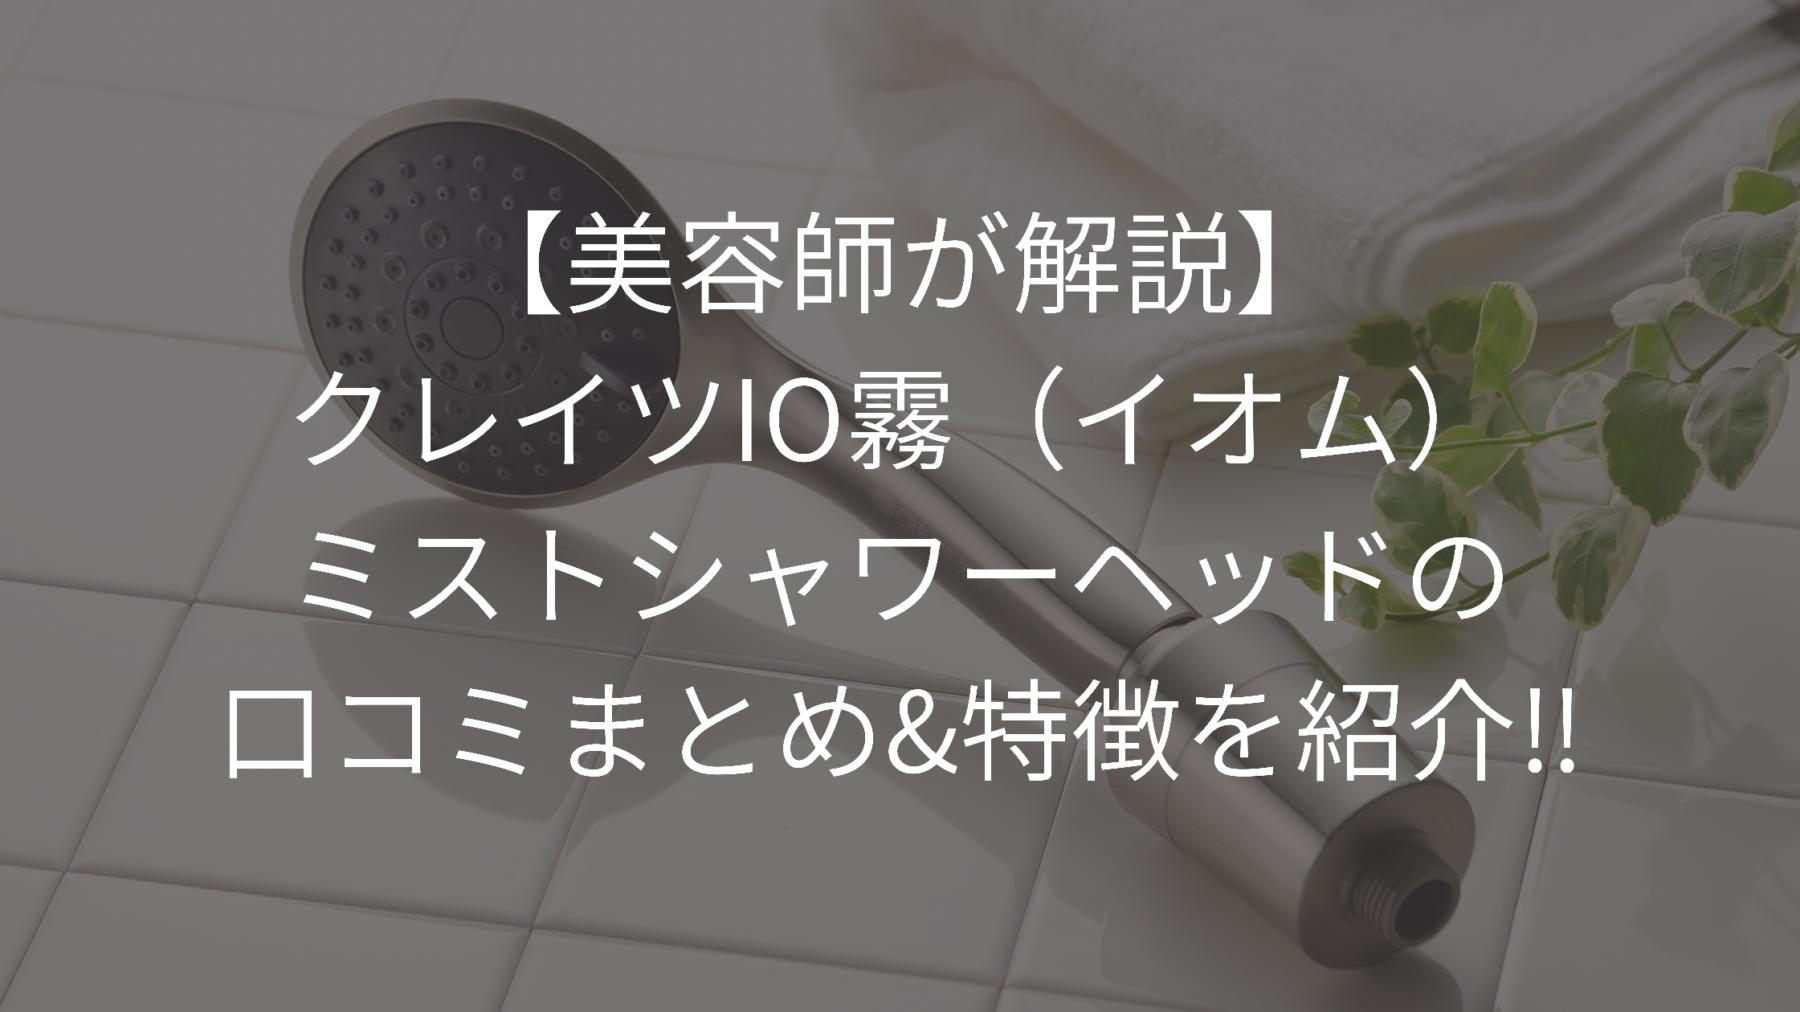 「【美容師が解説】IO霧(イオム)ミストシャワーヘッドの口コミまとめ&特徴紹介」のアイキャッチ画像